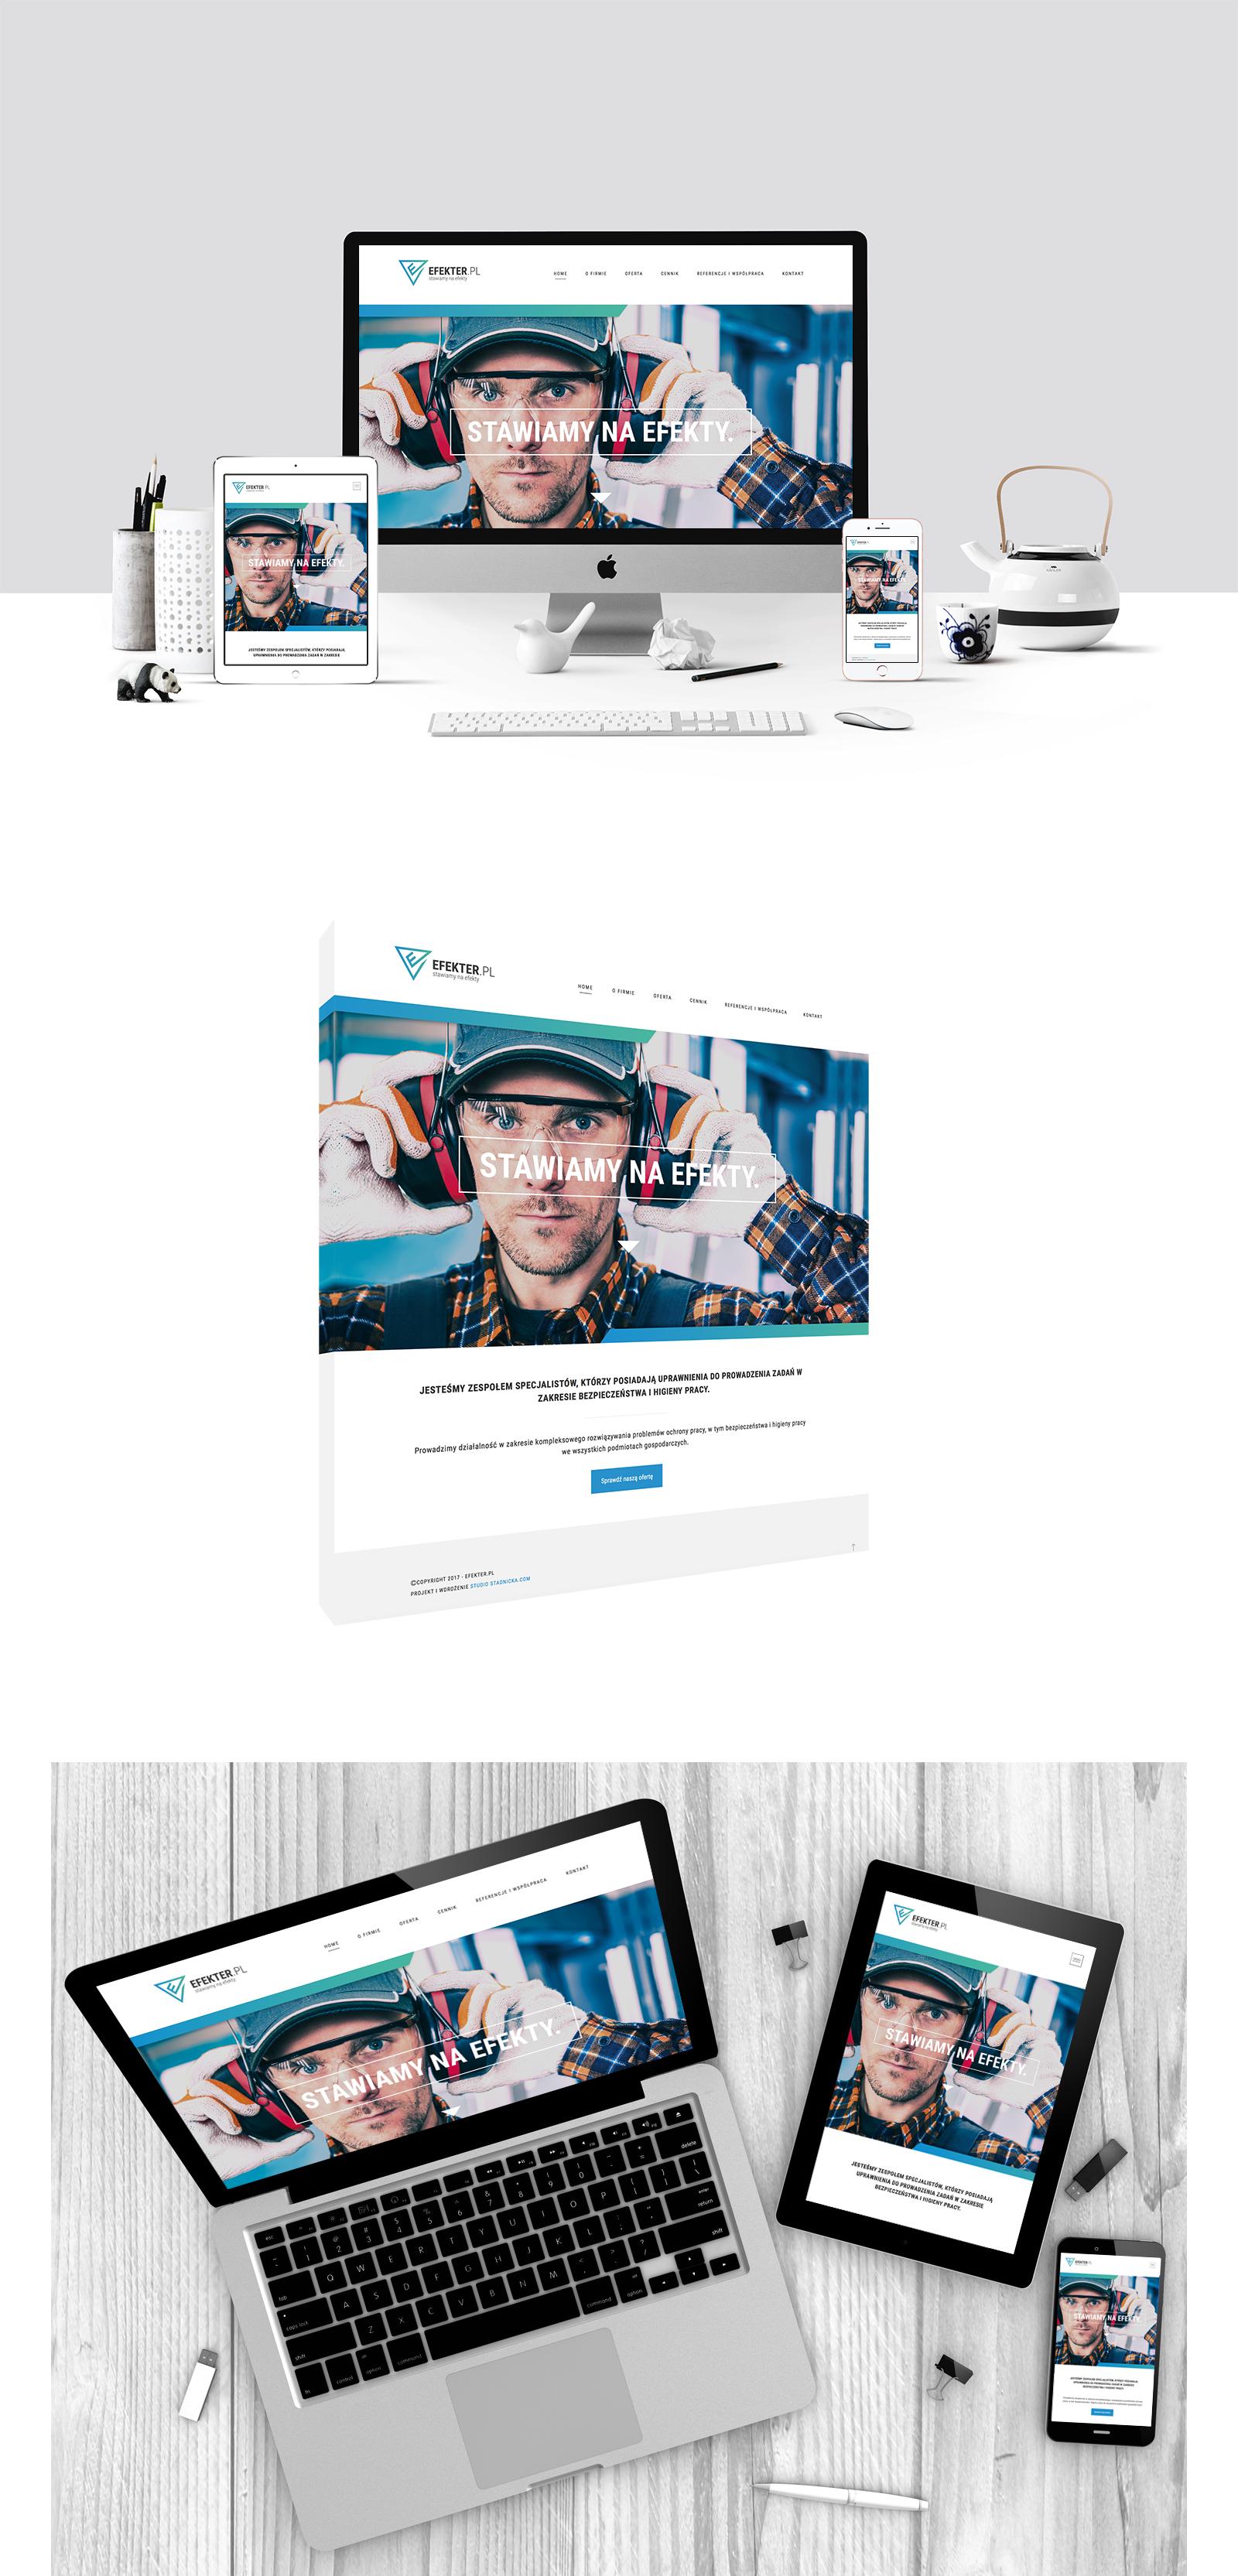 efekter prezentacja strony